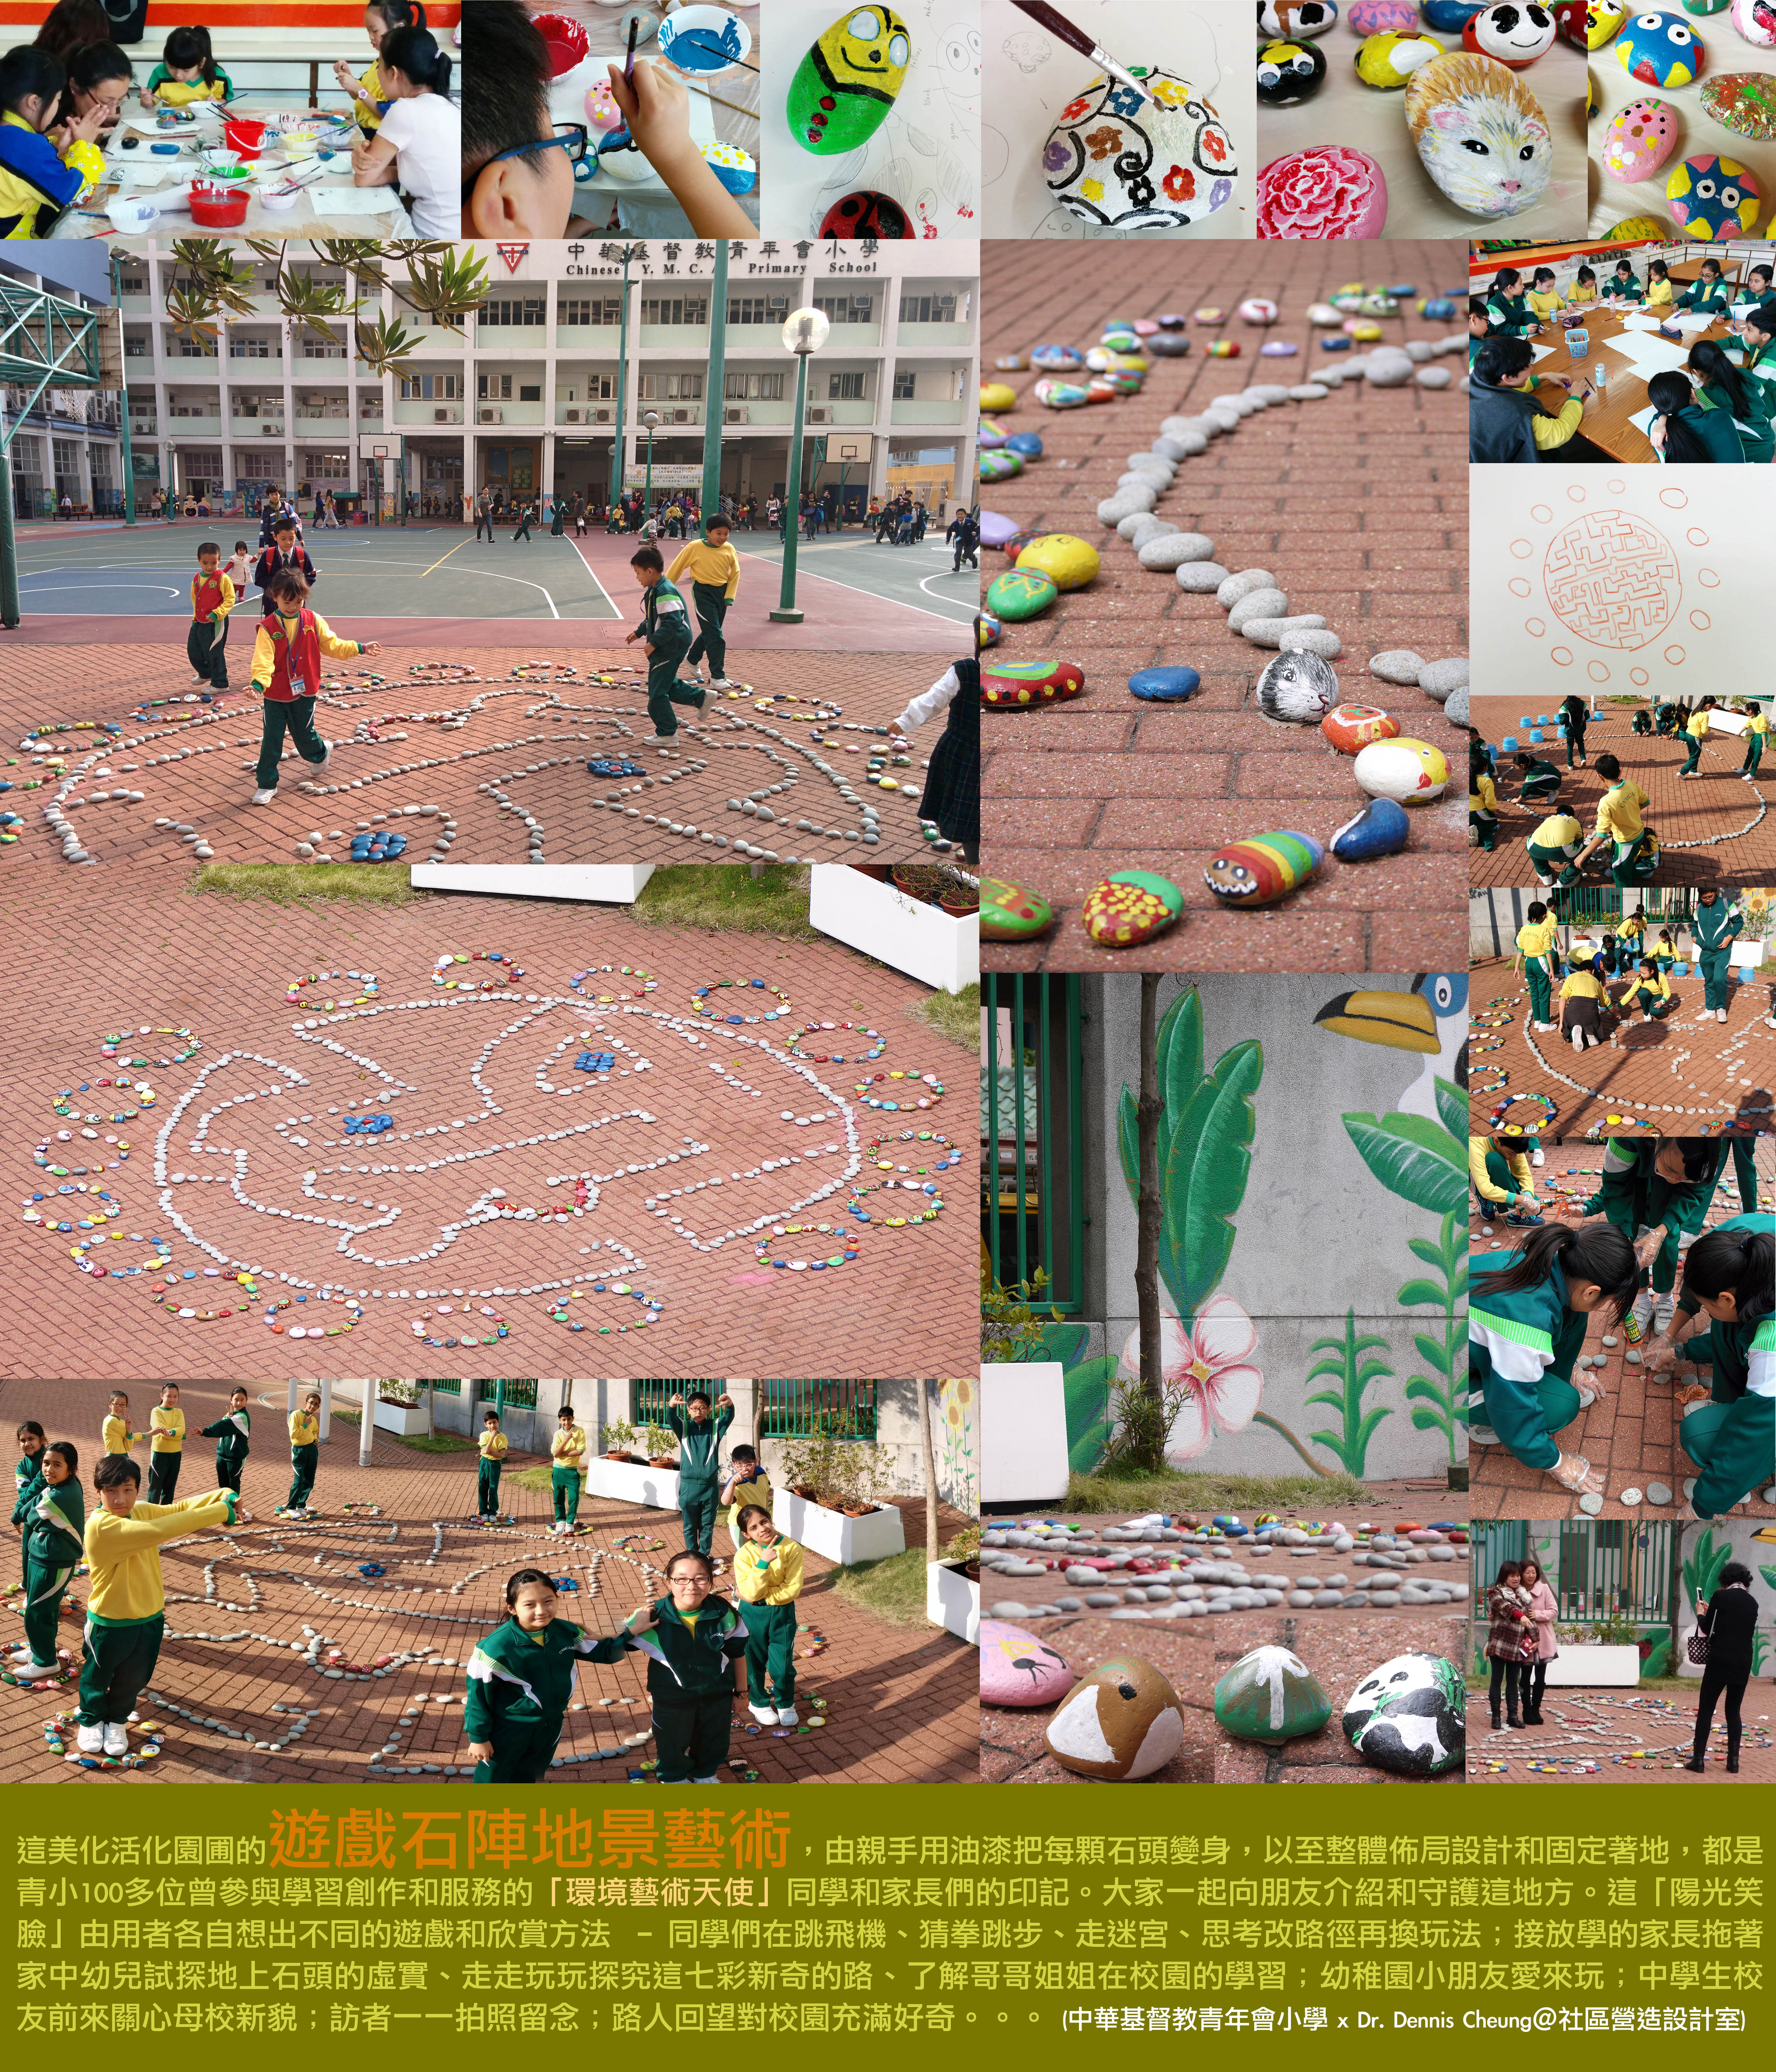 #社區藝術 #校園藝術 #壁畫創作 #體驗學習 #社群發展 #社區營造